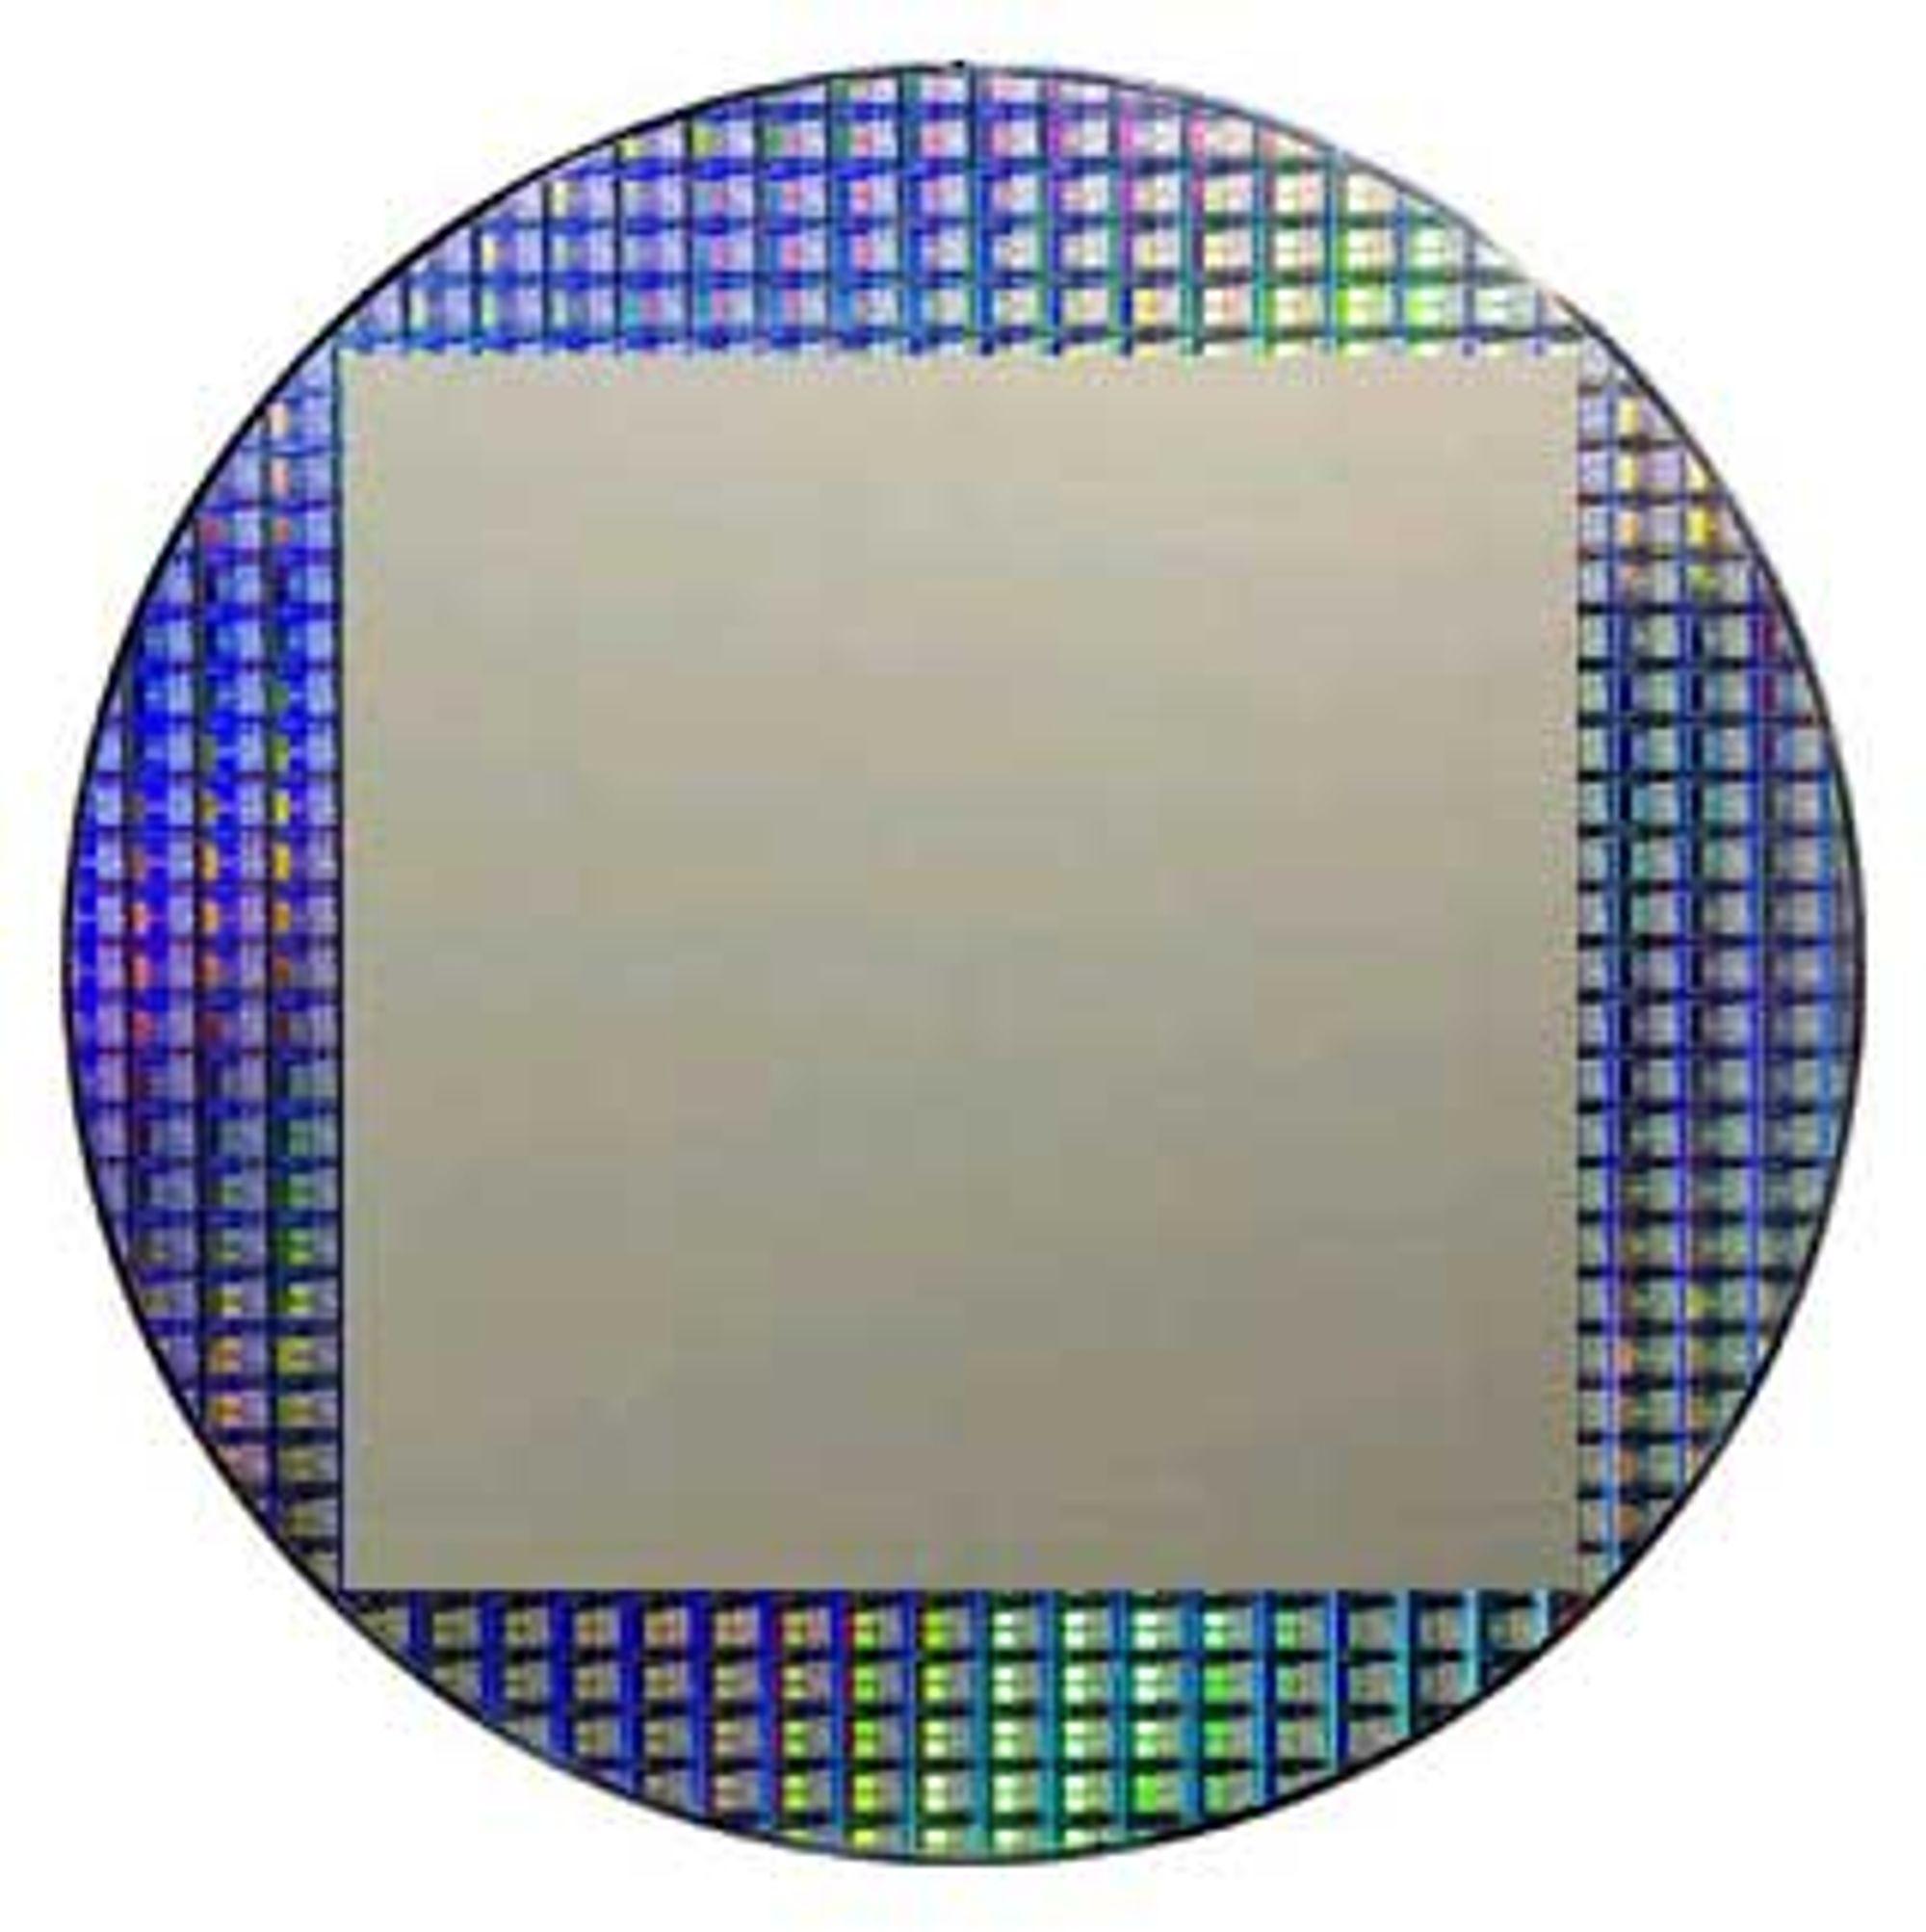 Briken fyller en hel 12-tommers silisium-plate.